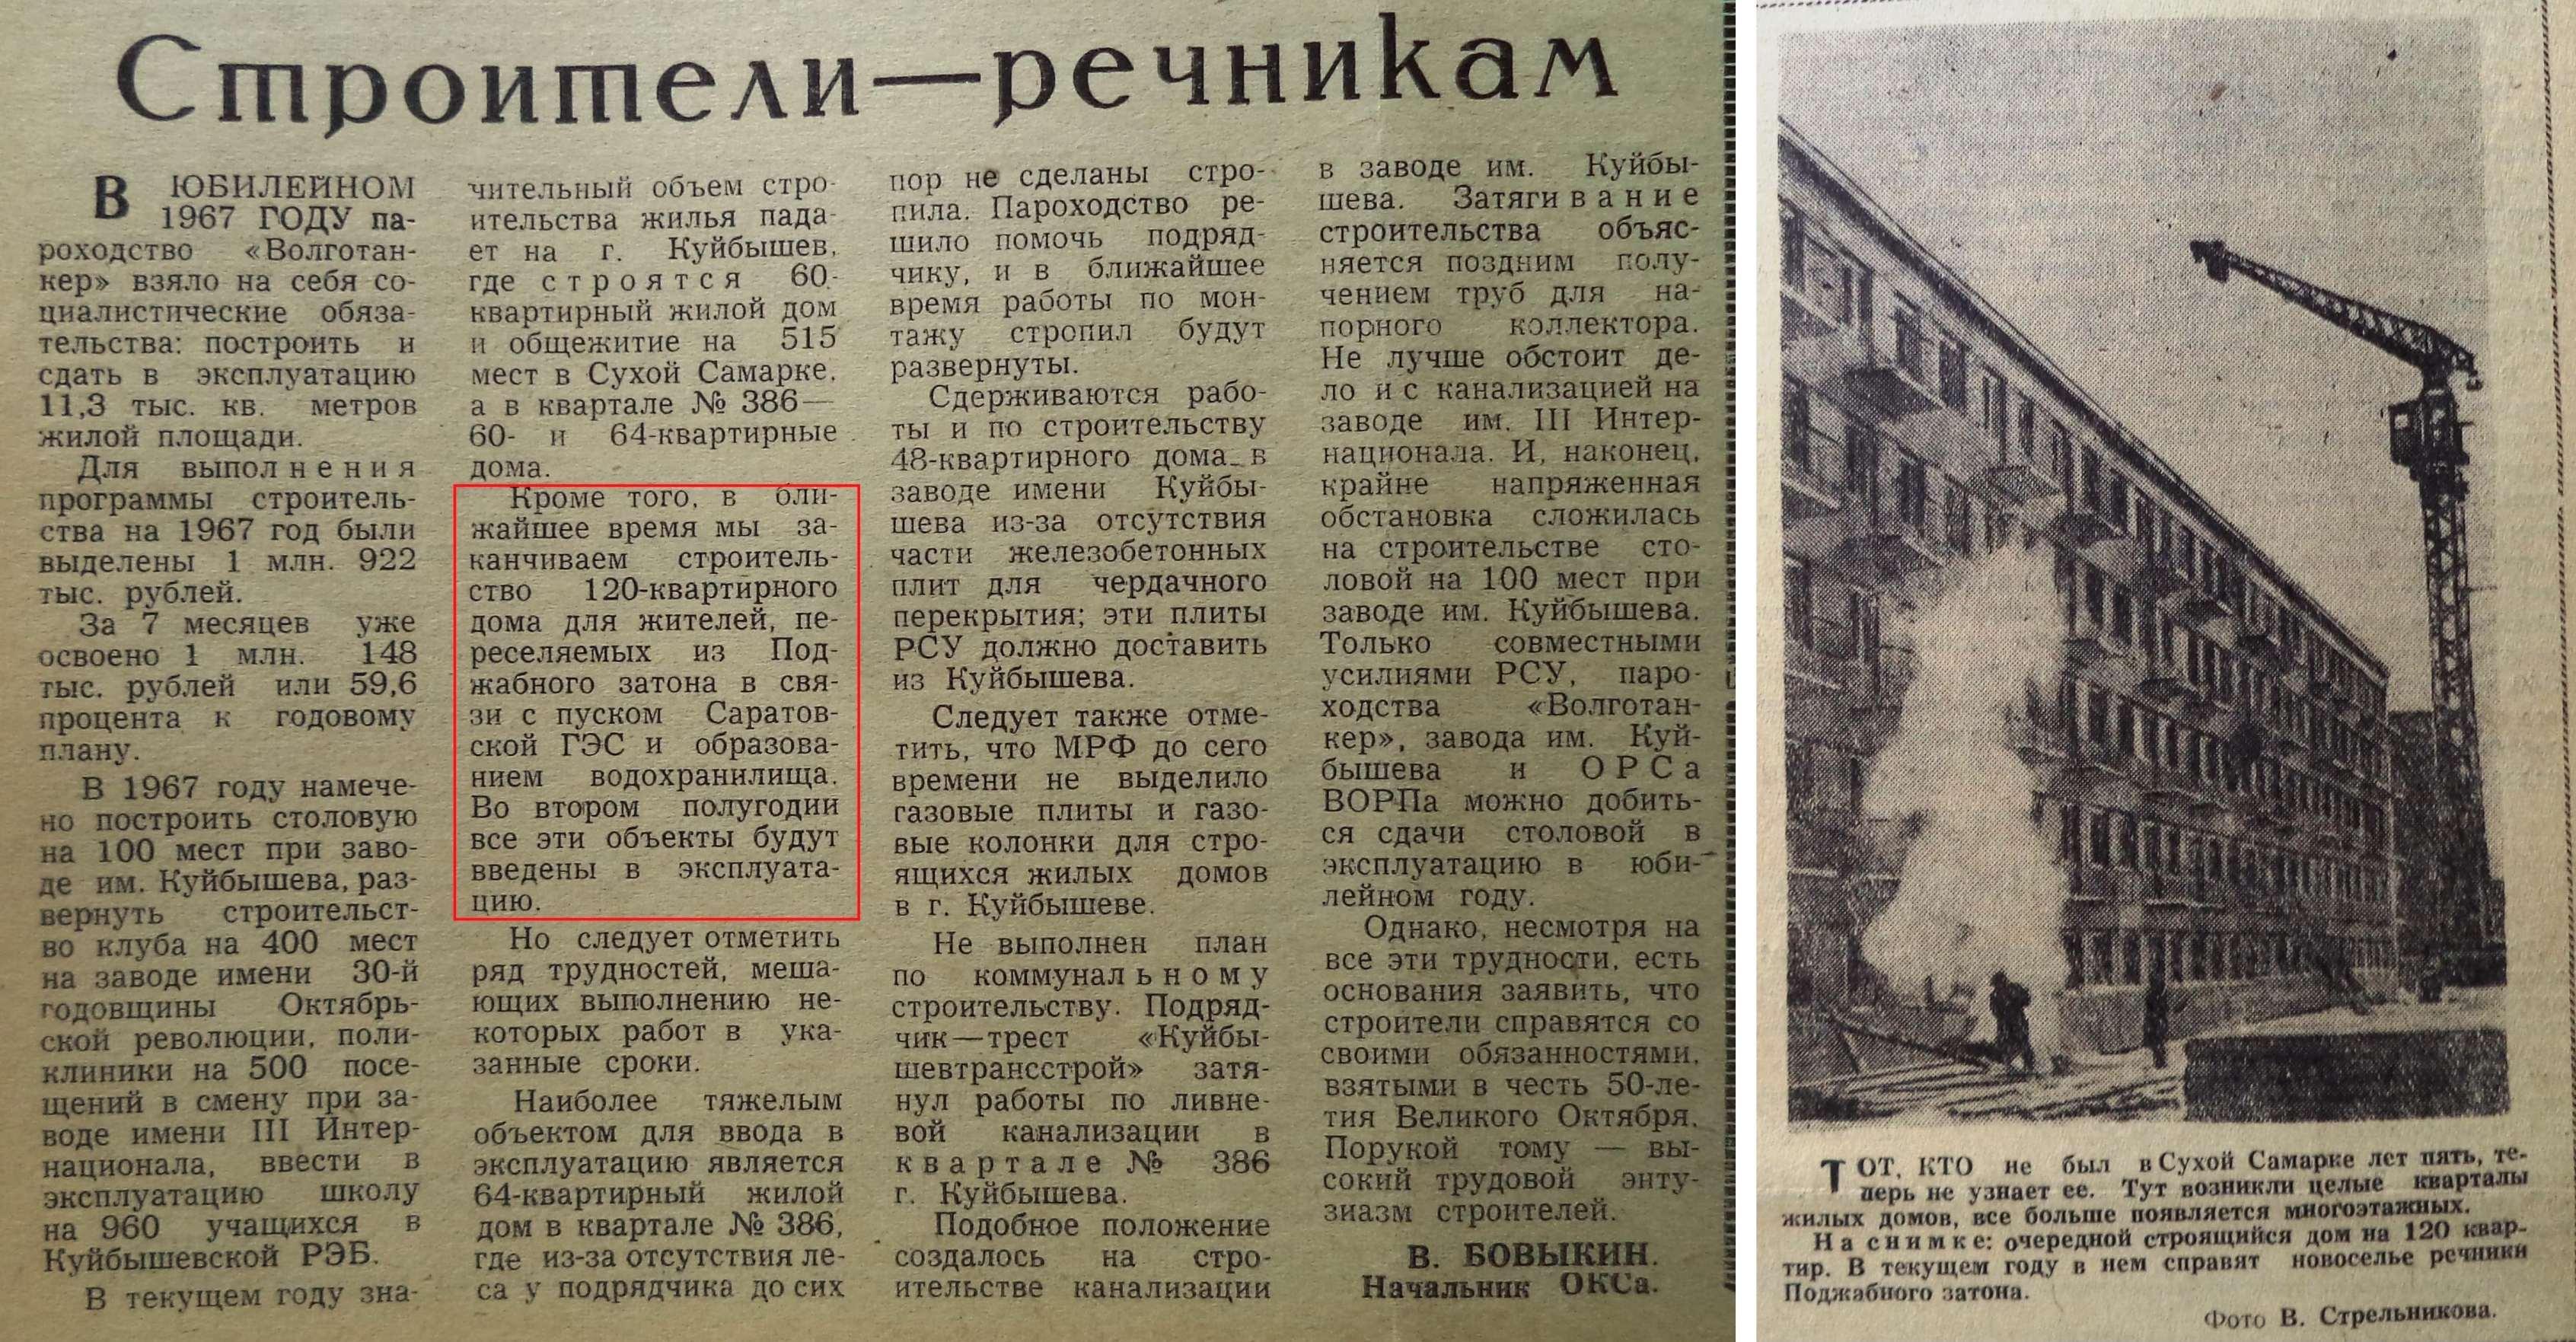 Флотская-ФОТО-06-Советский Танкер-1967-6 сентября-дом № 9-min-min